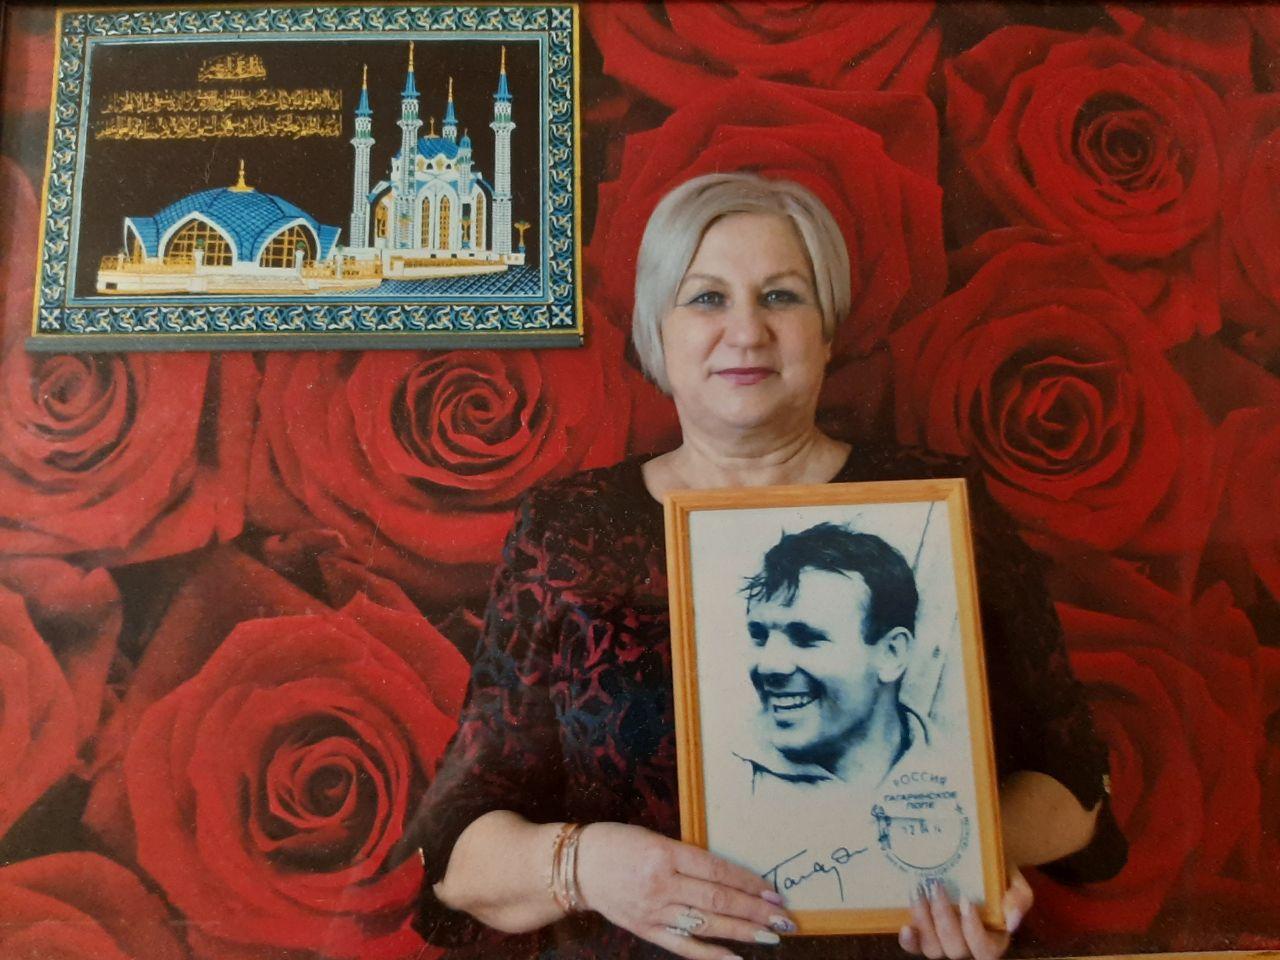 Фото © Из архива Румии Нурскановой